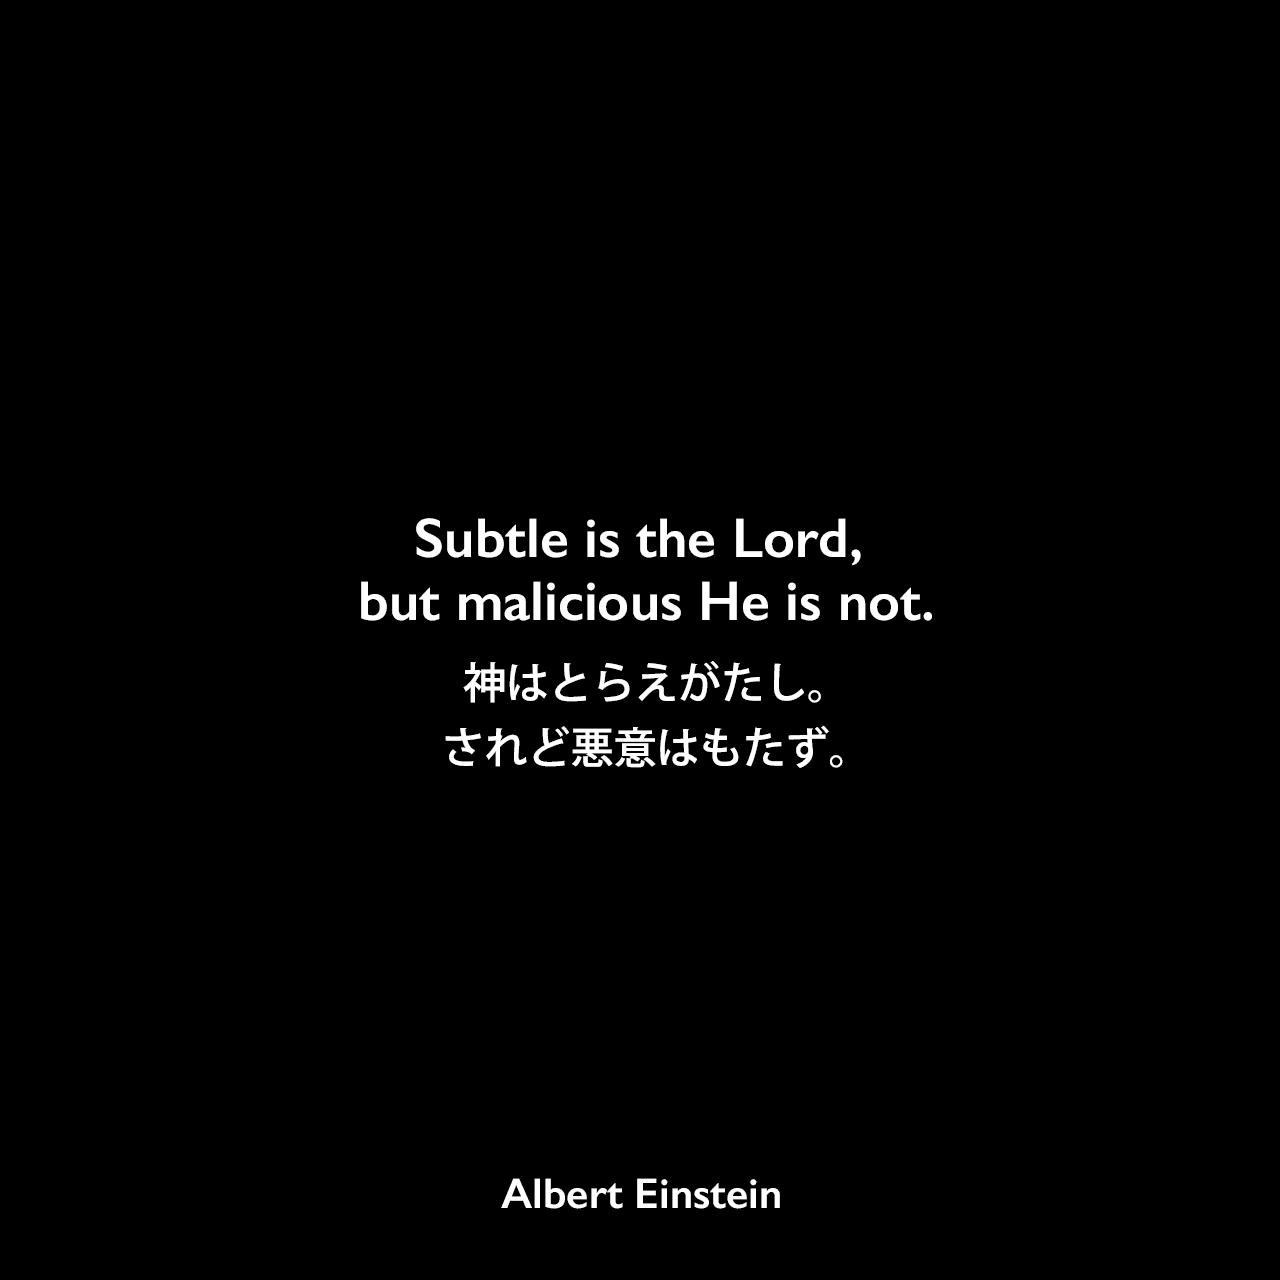 Subtle is the Lord, but malicious He is not.神はとらえがたし。されど悪意はもたず。- プリンストン大学に初めて訪れた際のアインシュタインの言説(1921年4月)Albert Einstein